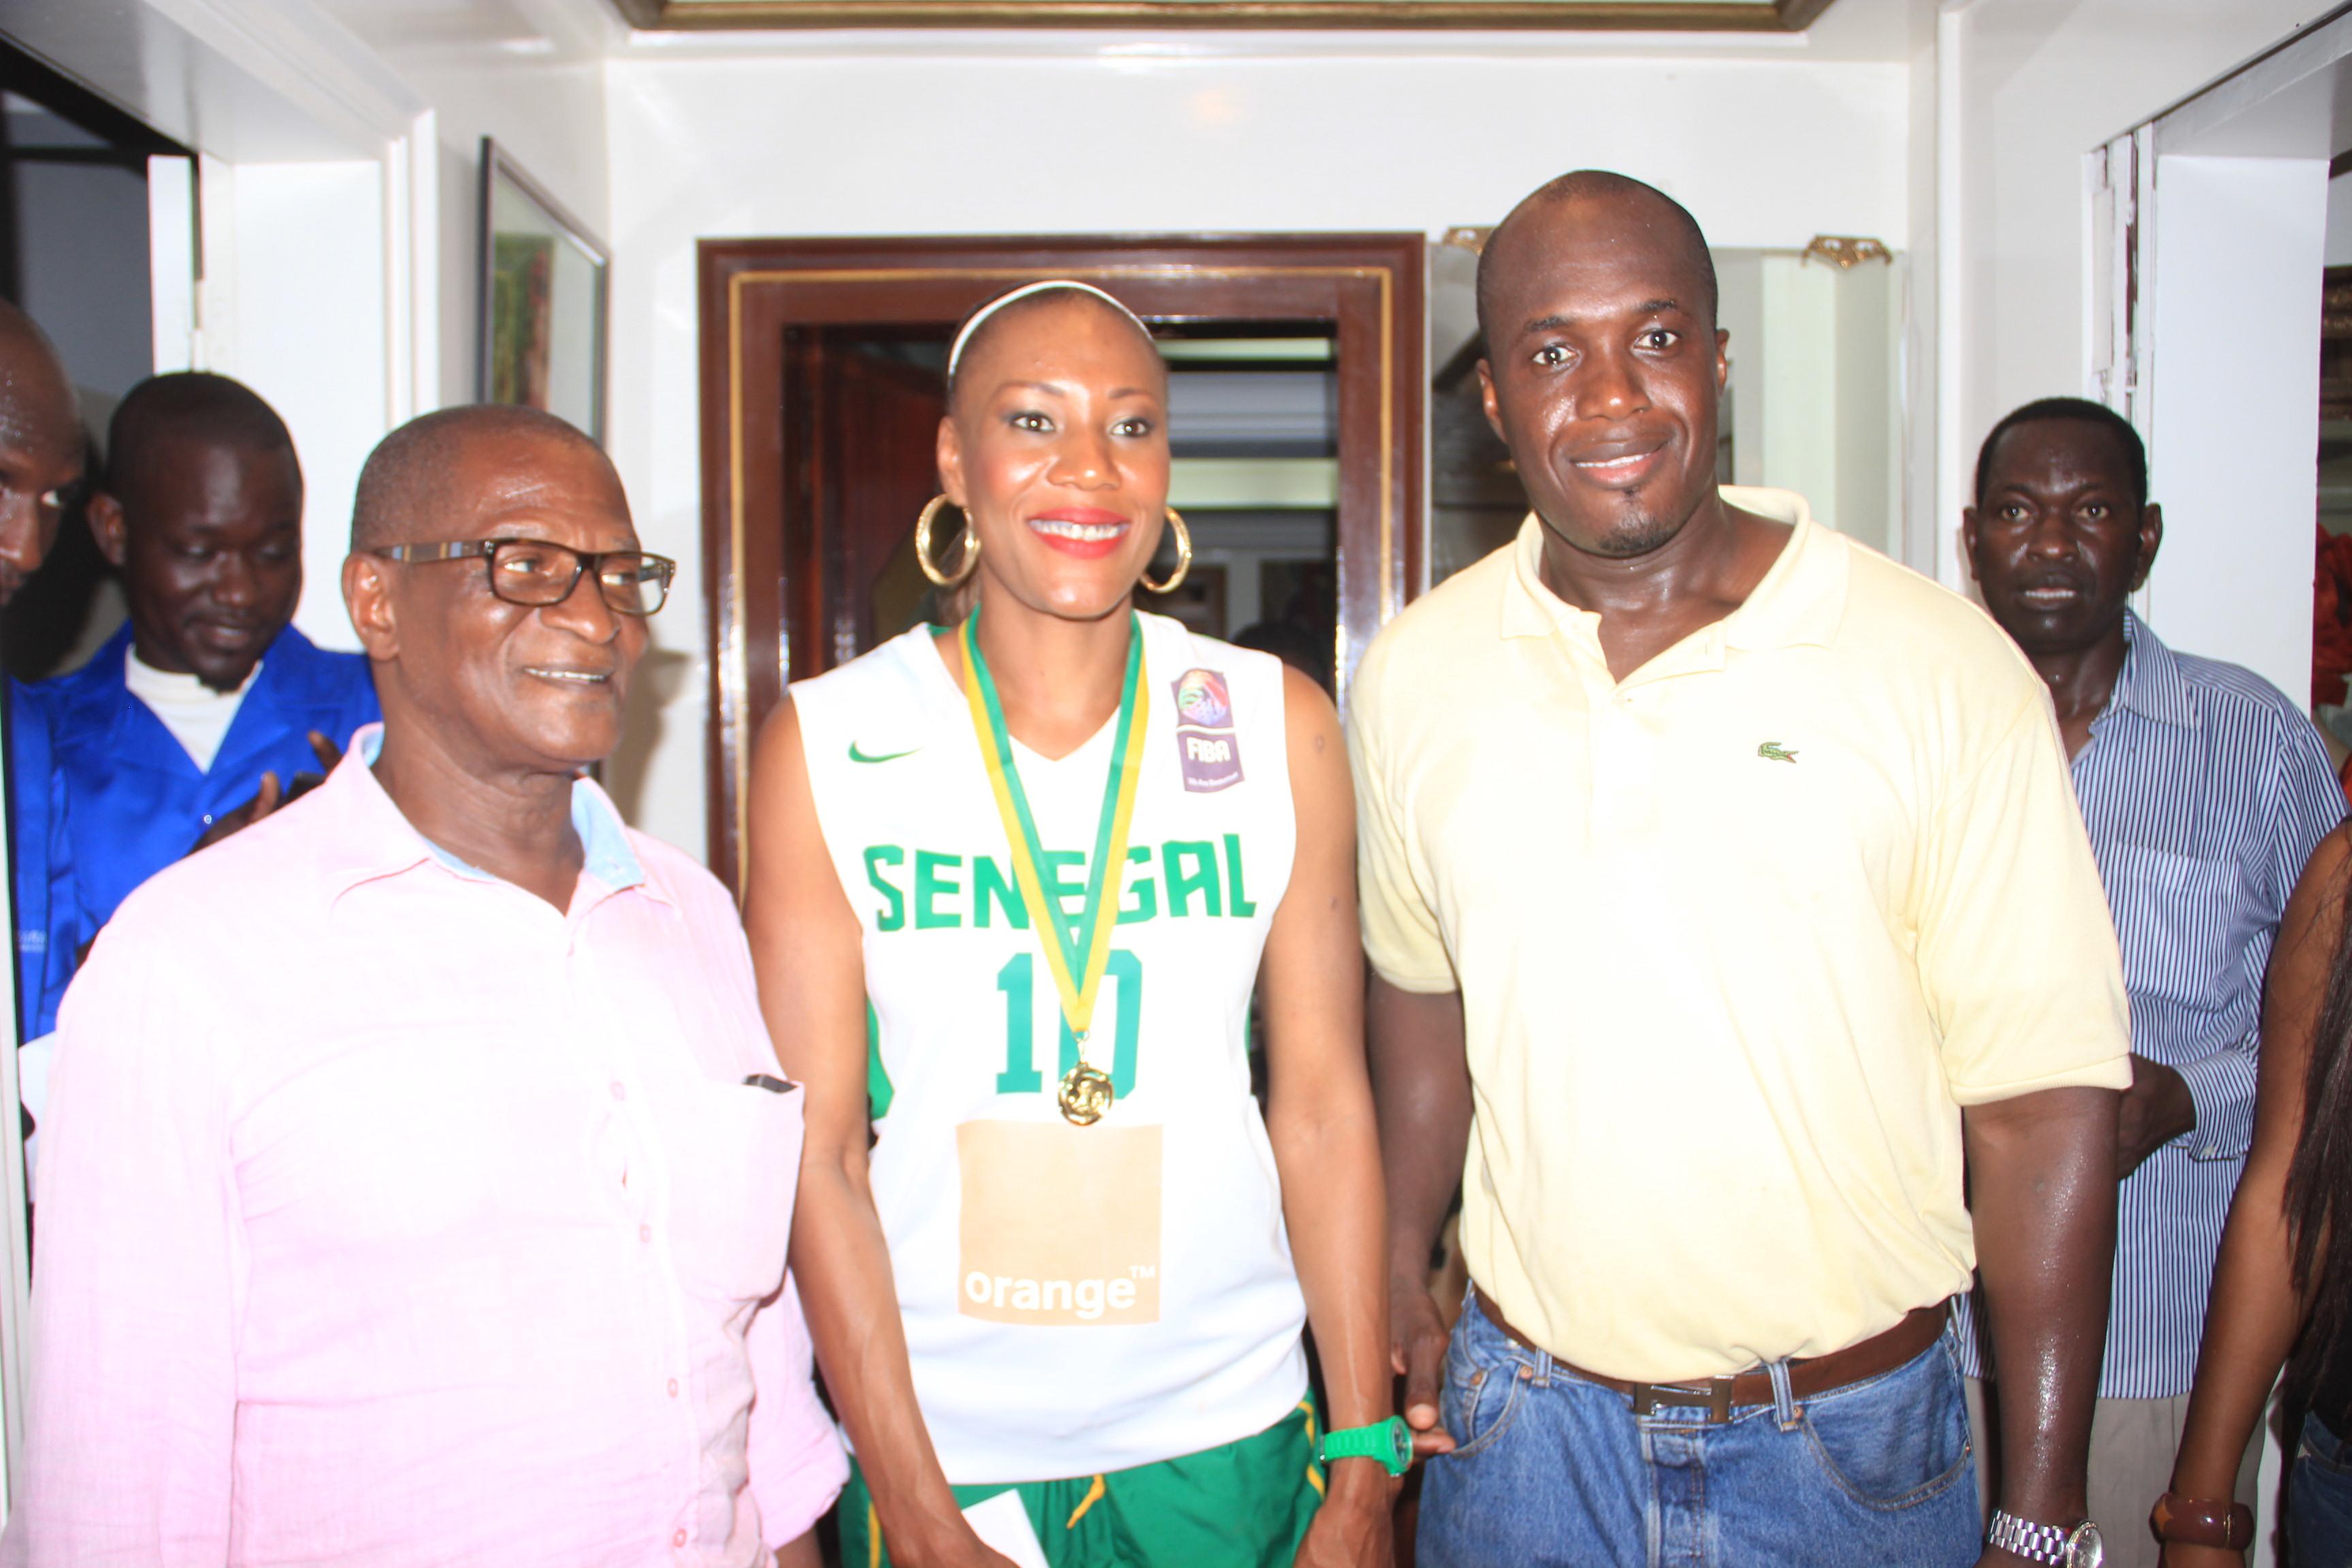 La styliste Diouma Dieng va dorénavant habiller l'équipe féminine de basket du Sénégal